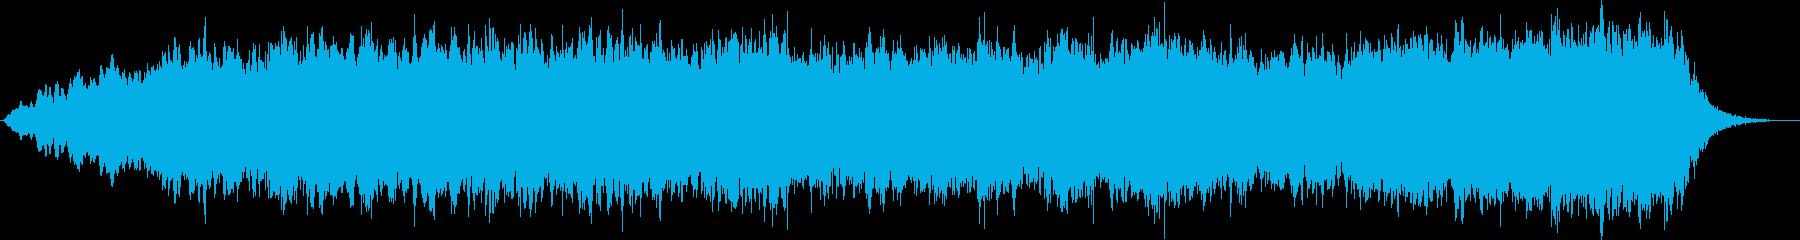 フルートのパッドにキラキラシンセのコラボの再生済みの波形